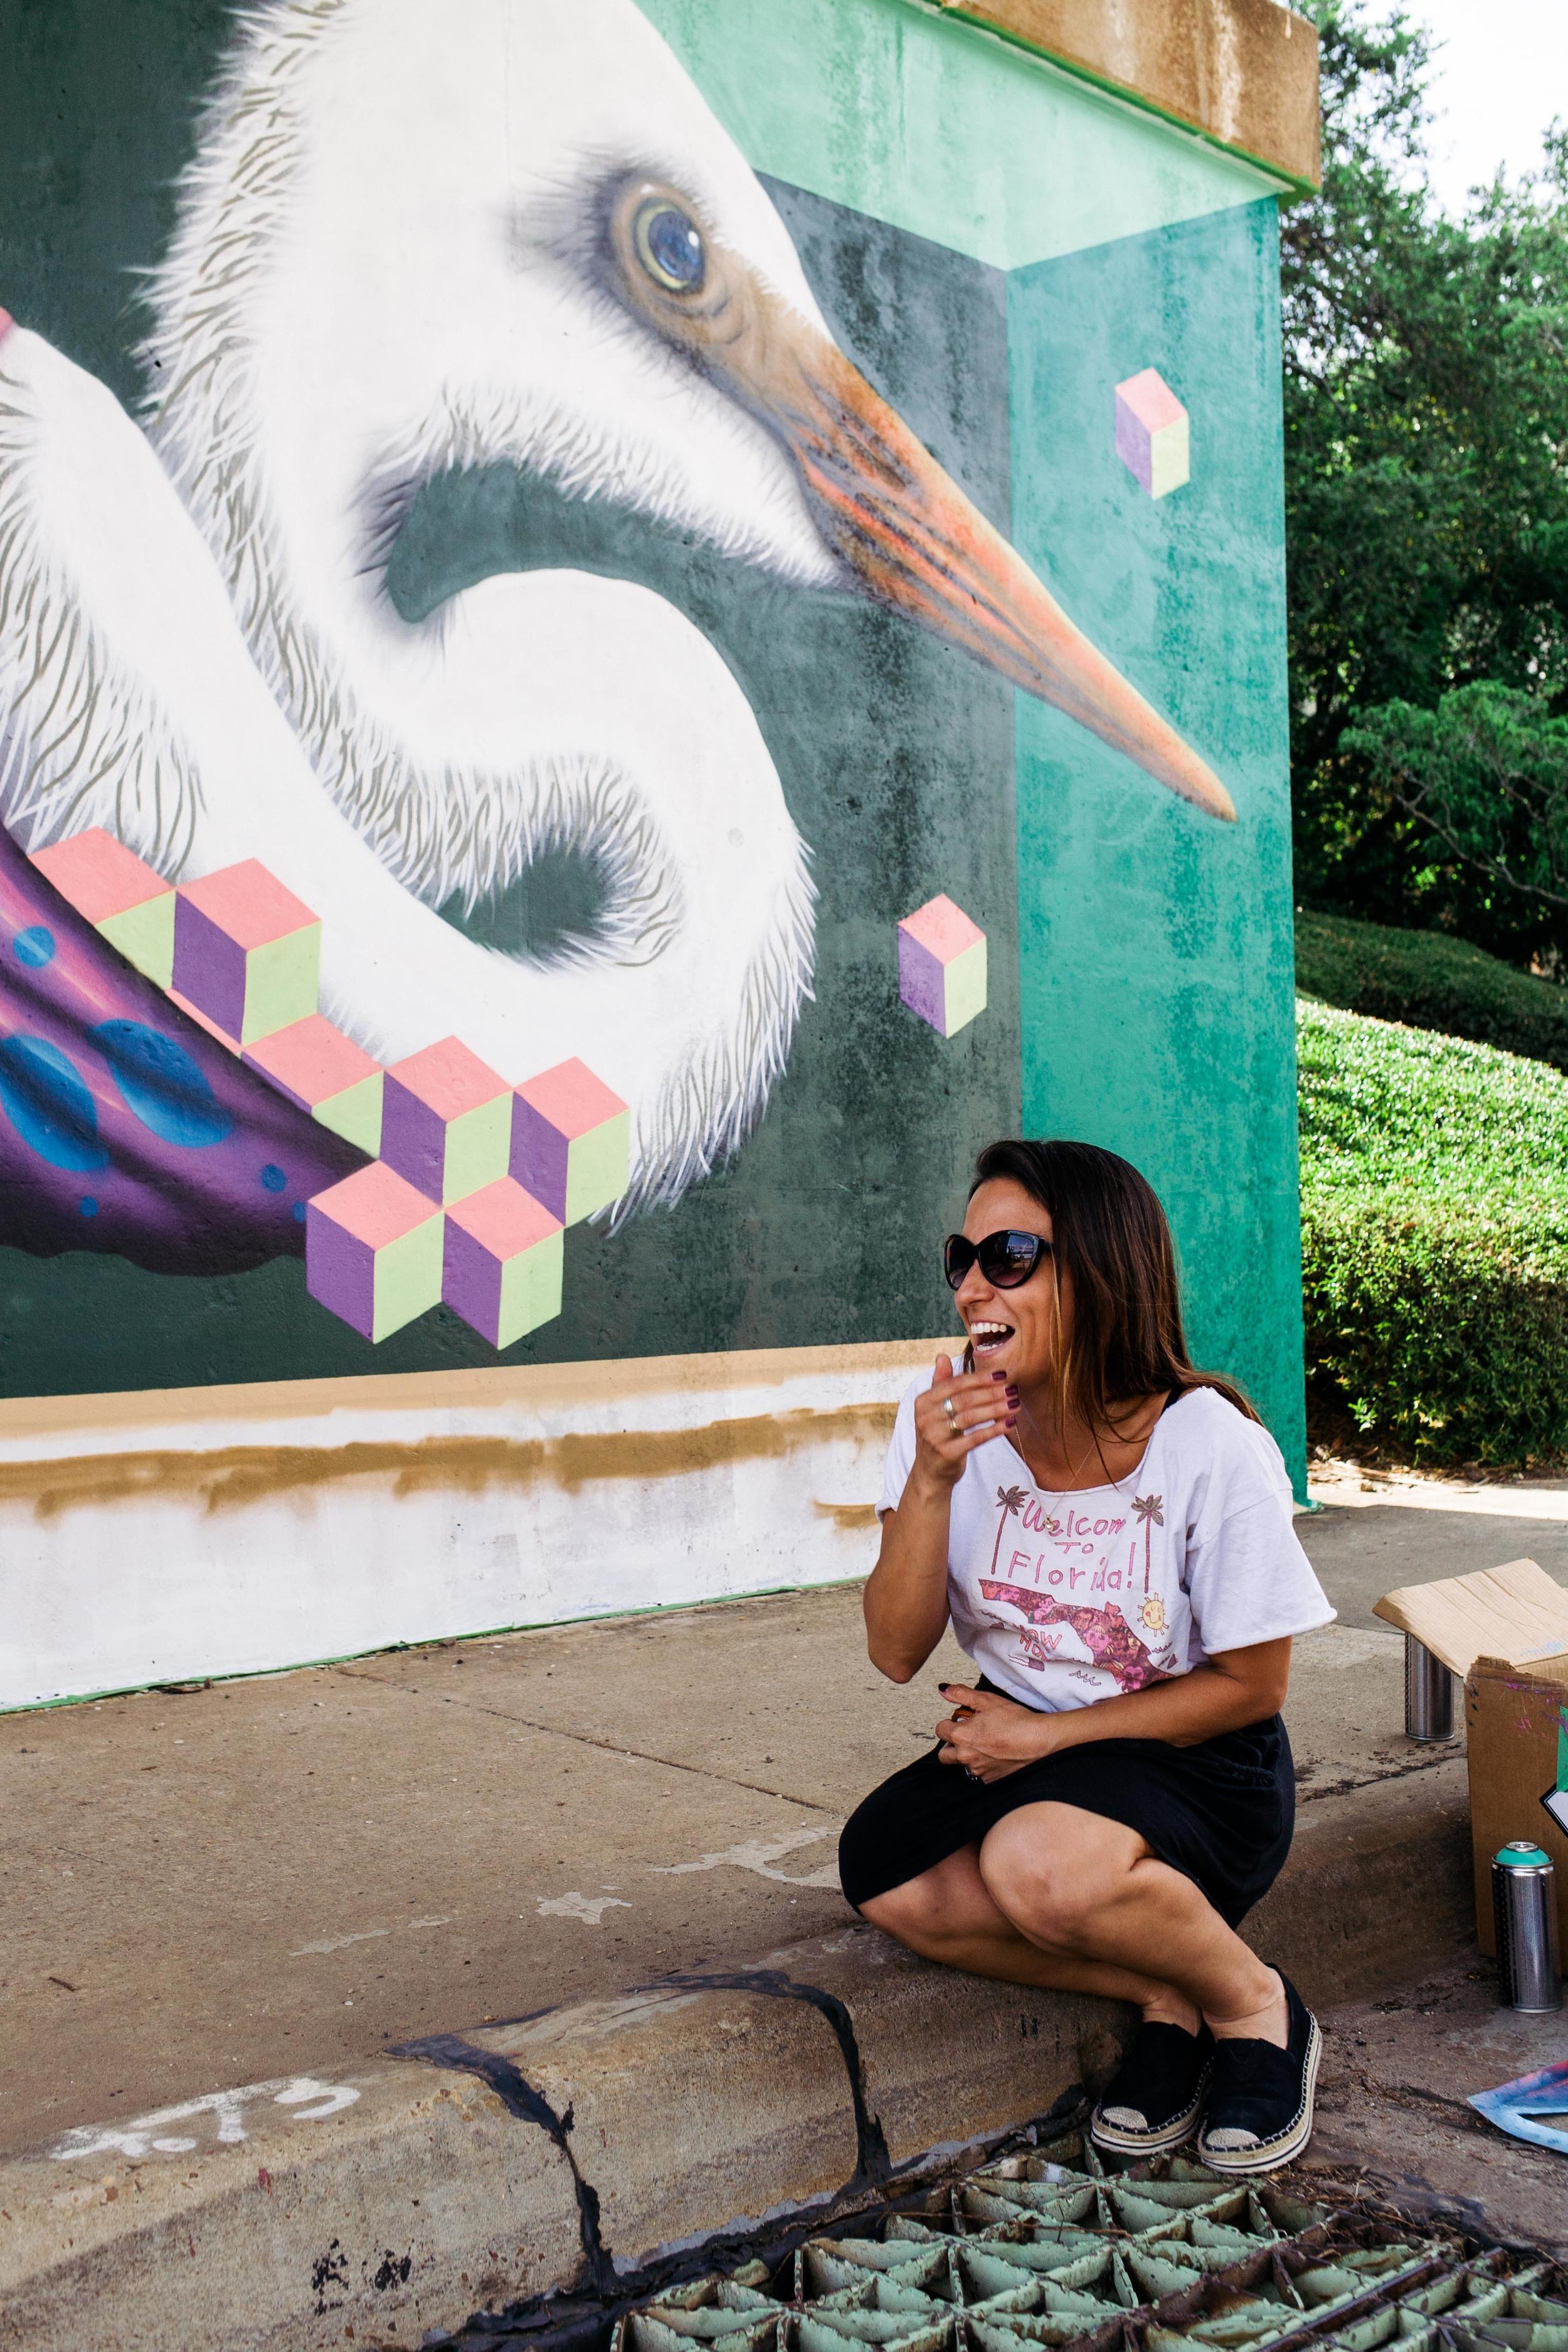 Street Art Tallahassee's Chiara Saldivar McCluskey